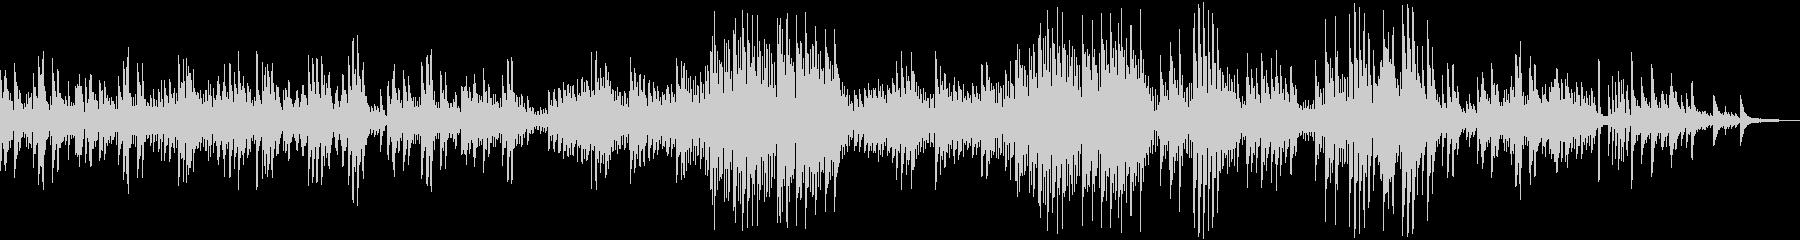 雨だれ前奏曲/ショパン【ピアノソロ】の未再生の波形